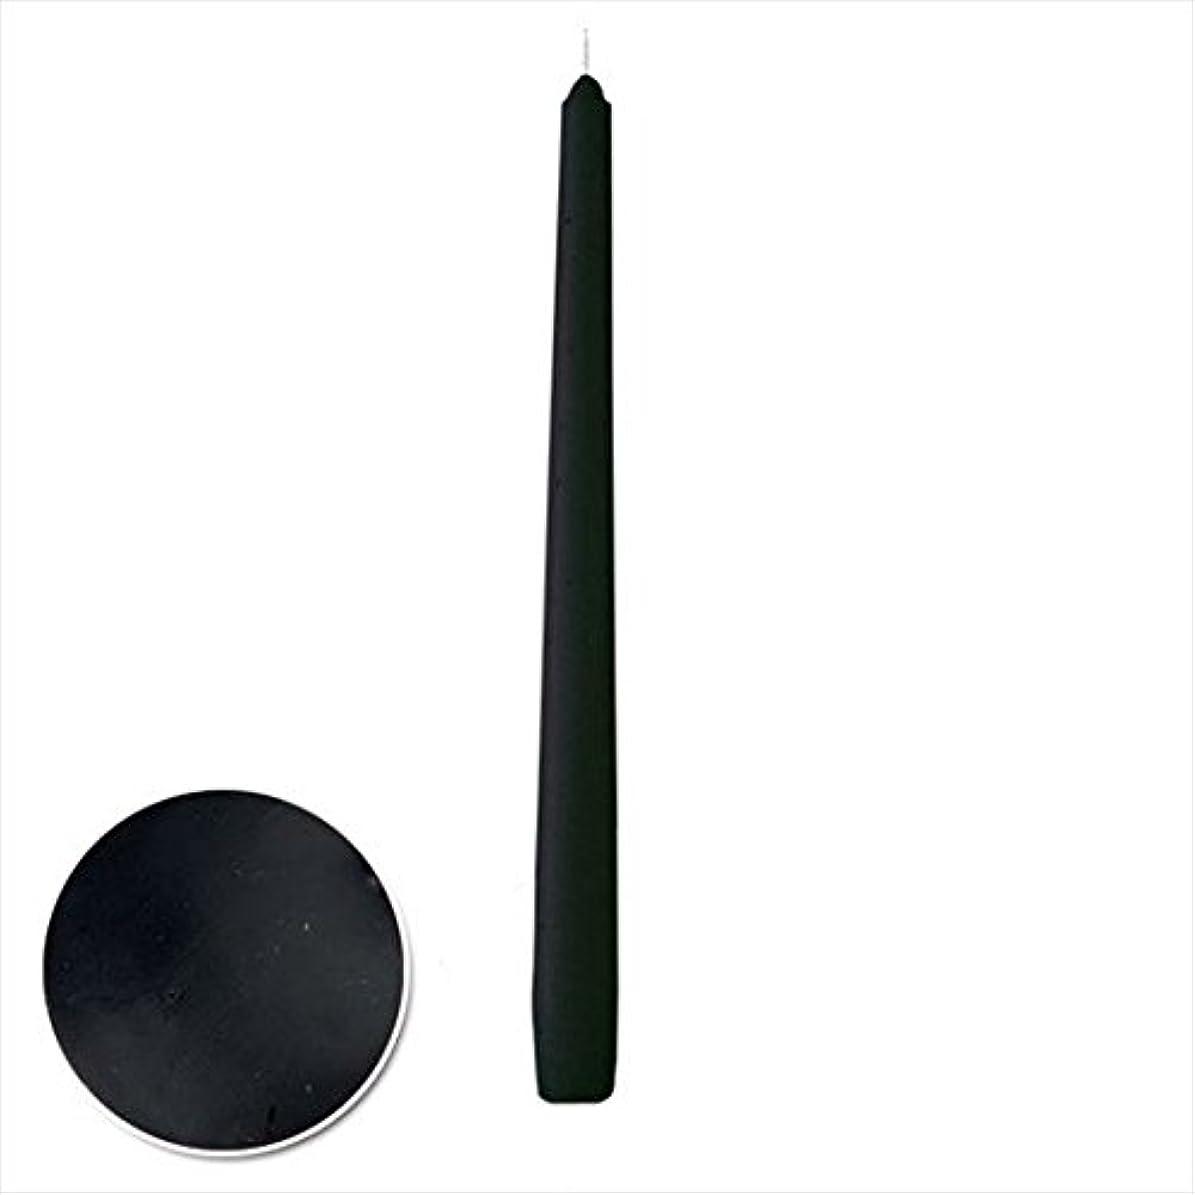 極めてピックフィードバックカメヤマキャンドル(kameyama candle) 12インチテーパー 「 ブラック 」 12本入り